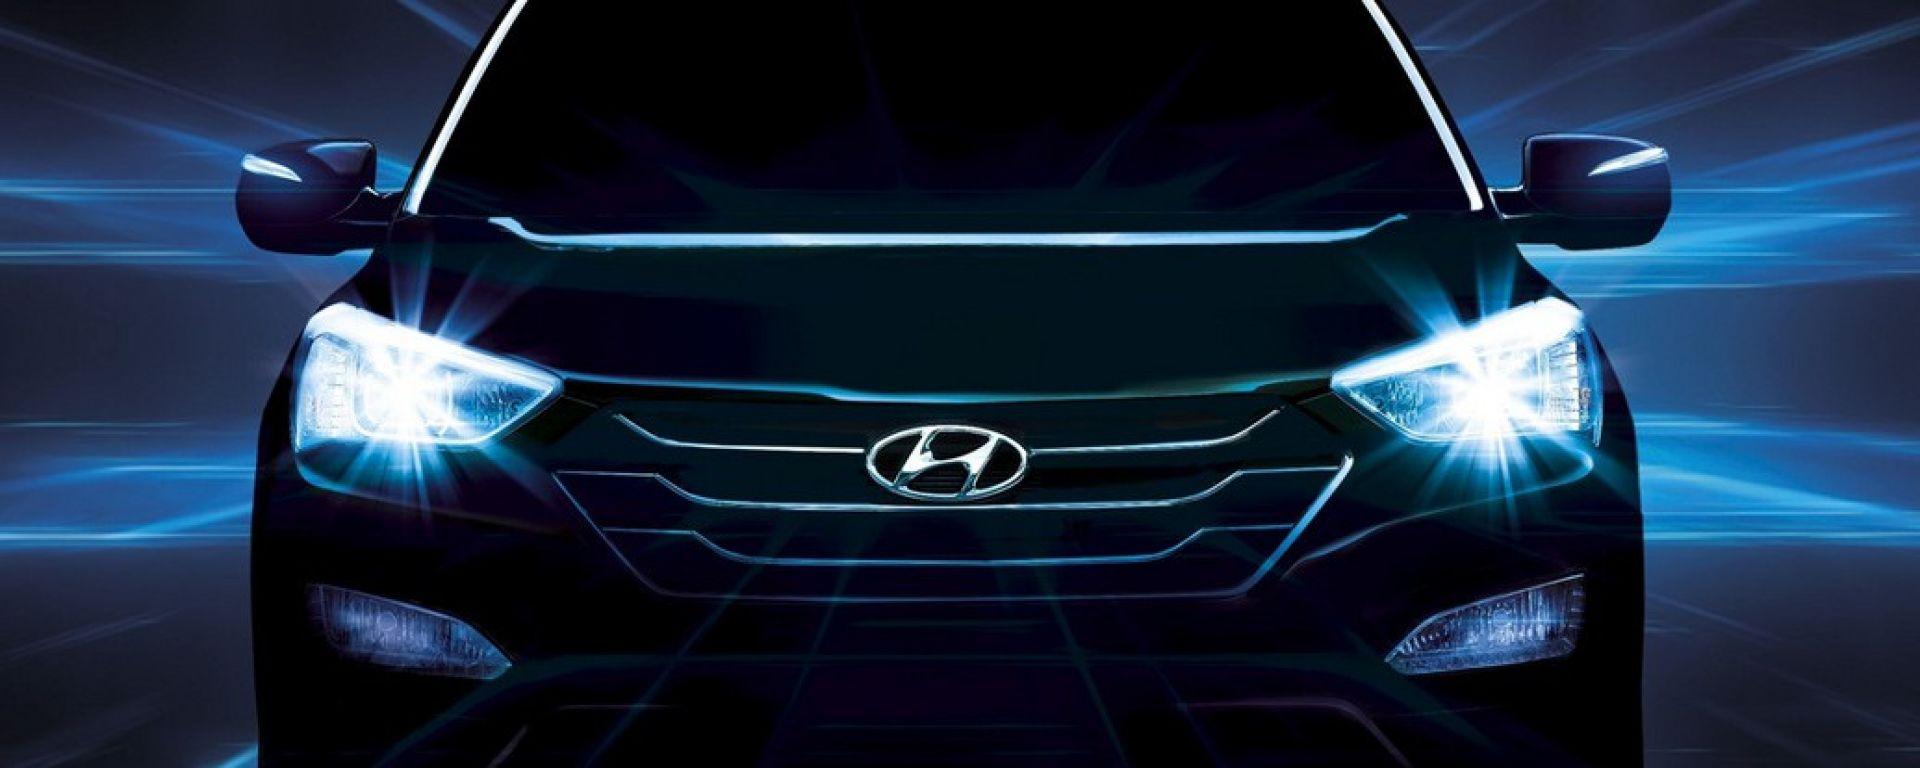 Hyundai Santa Fe 2013, le nuove foto